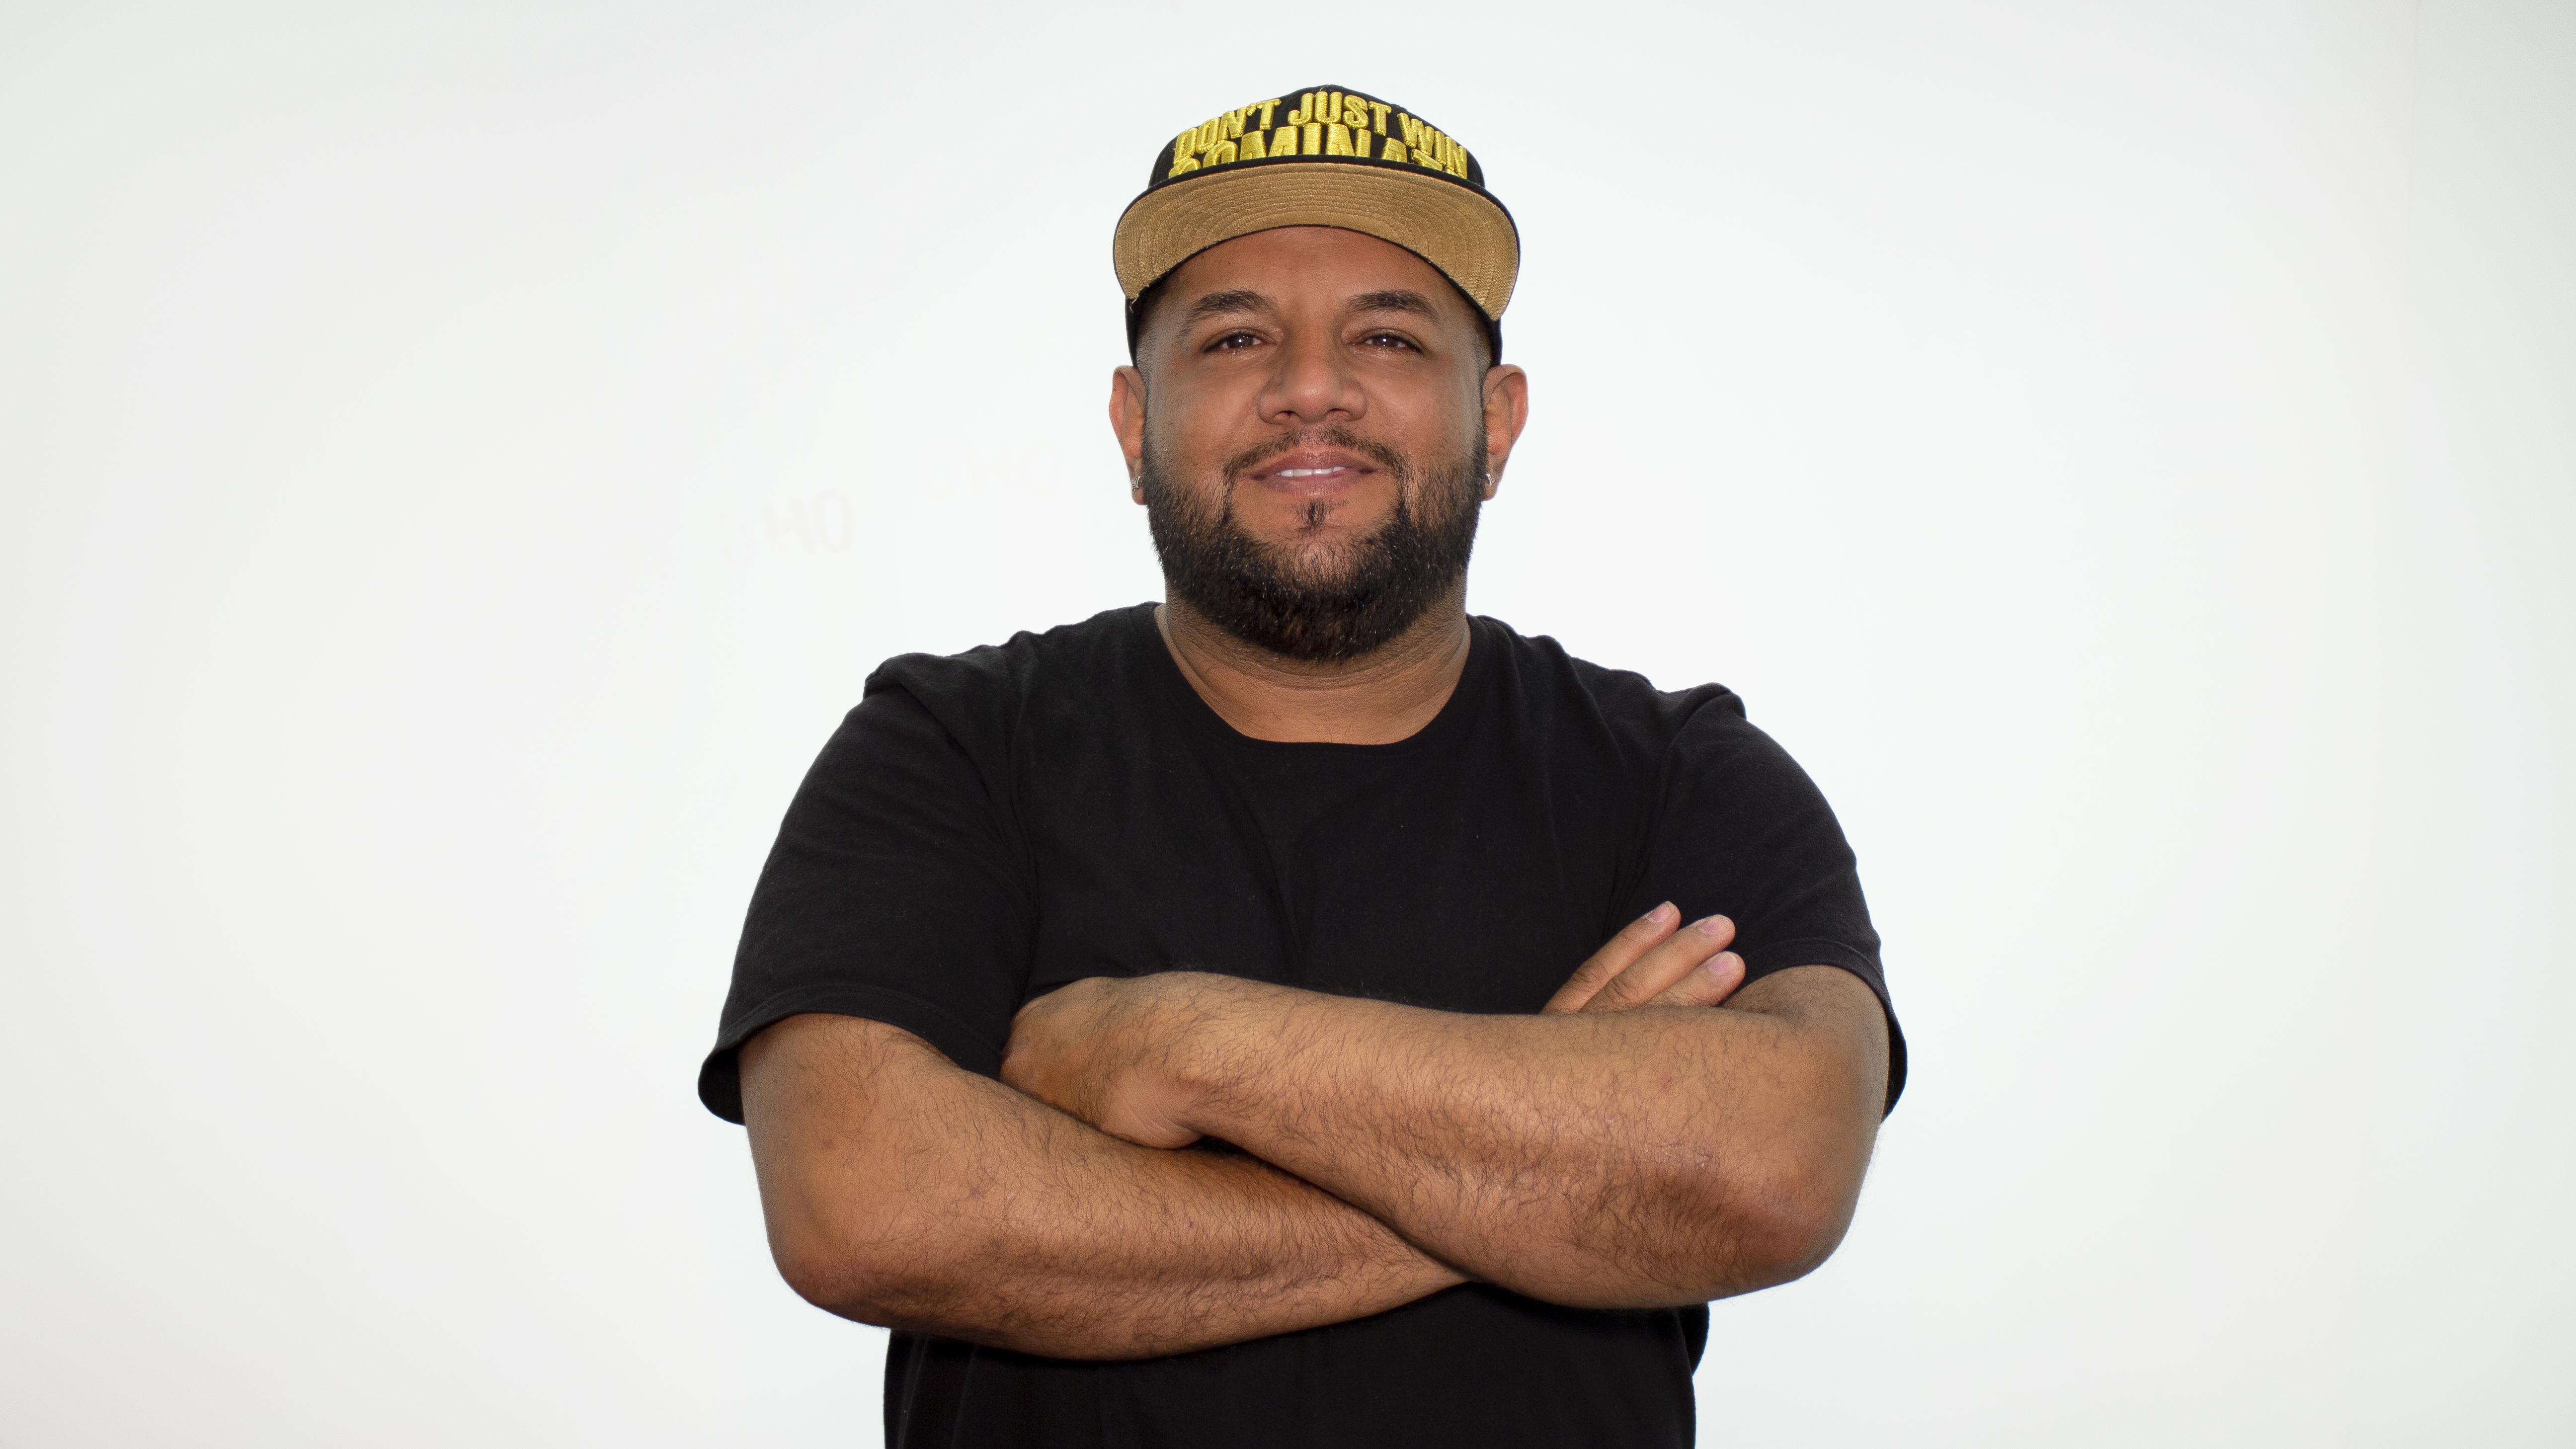 33177999_632999460385665_2607085456940072960_n-2 Miguel Rivera TV, el pionero de la comedia en las redes sociales